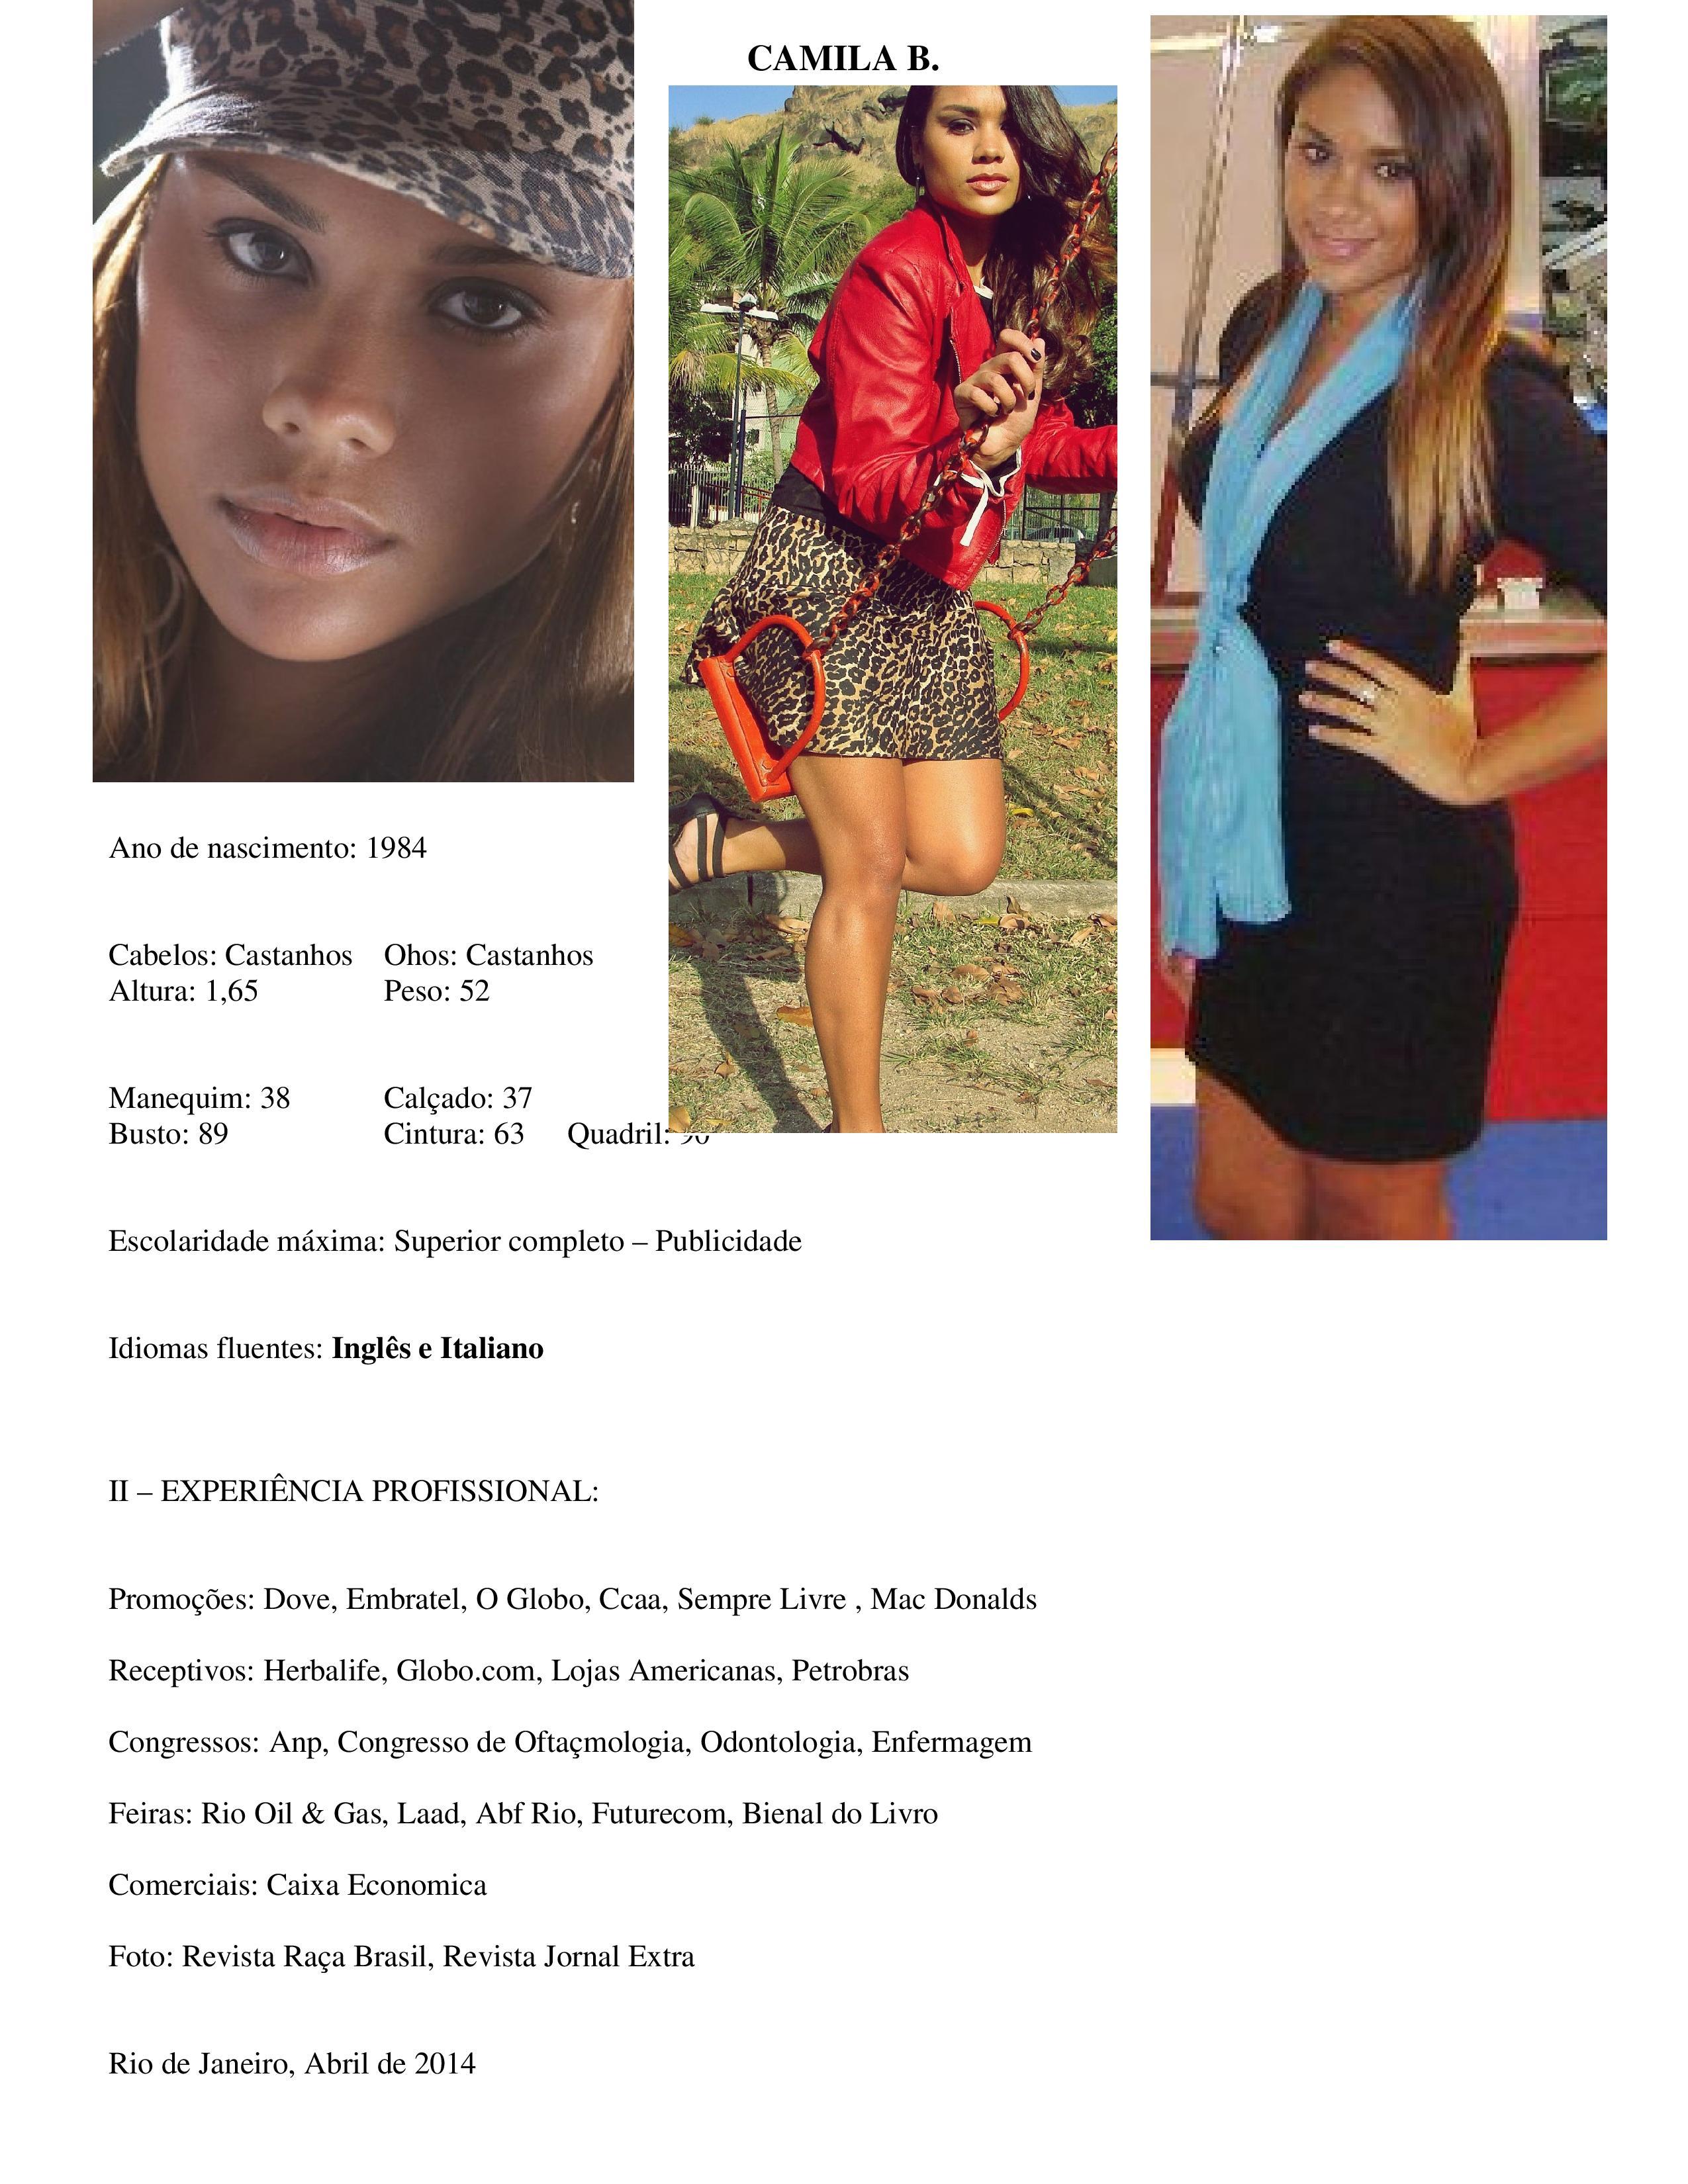 Camila Borroso-page-001